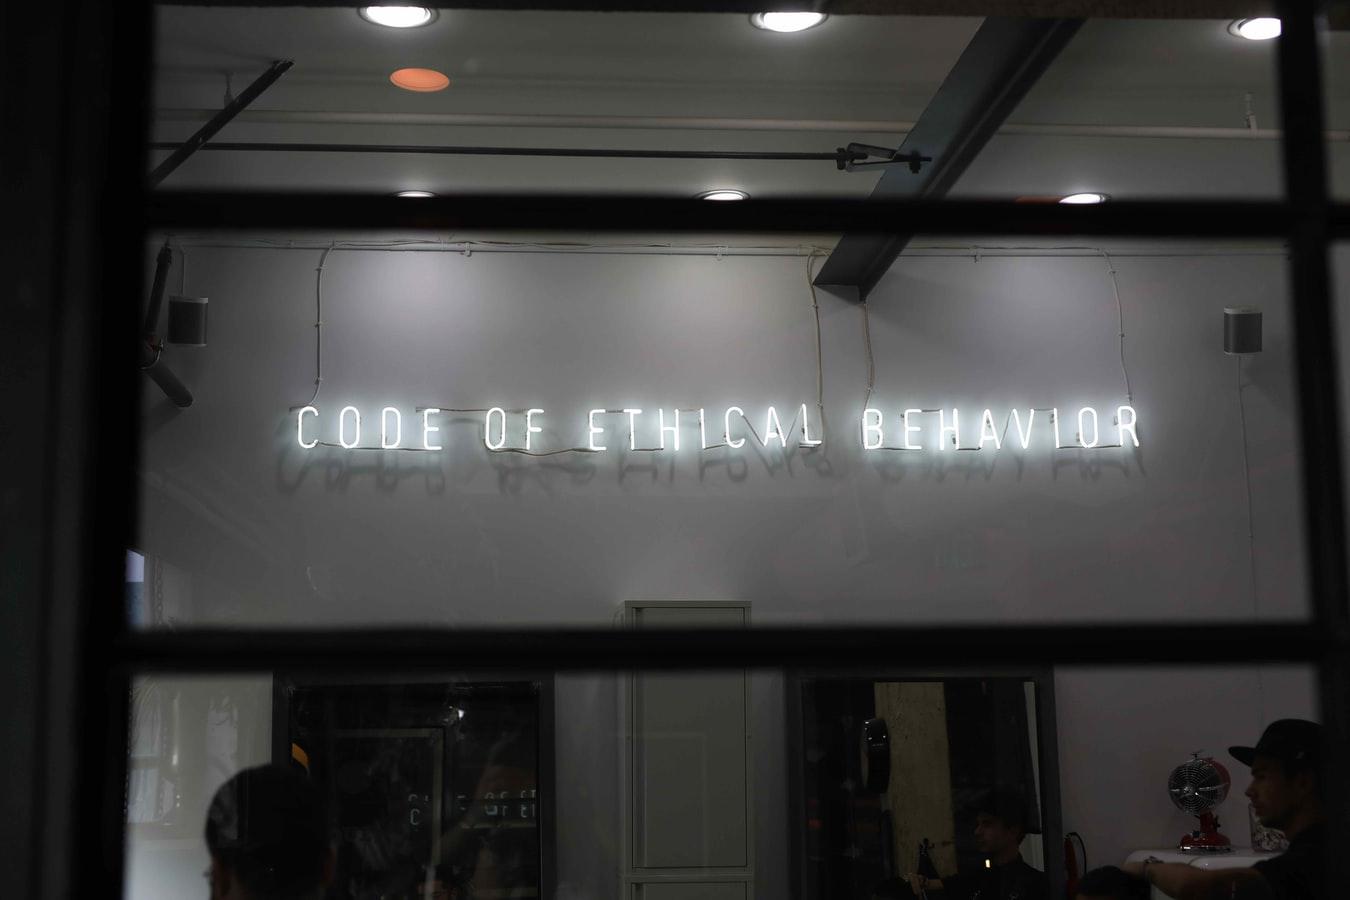 Les trois critères de l'ESG